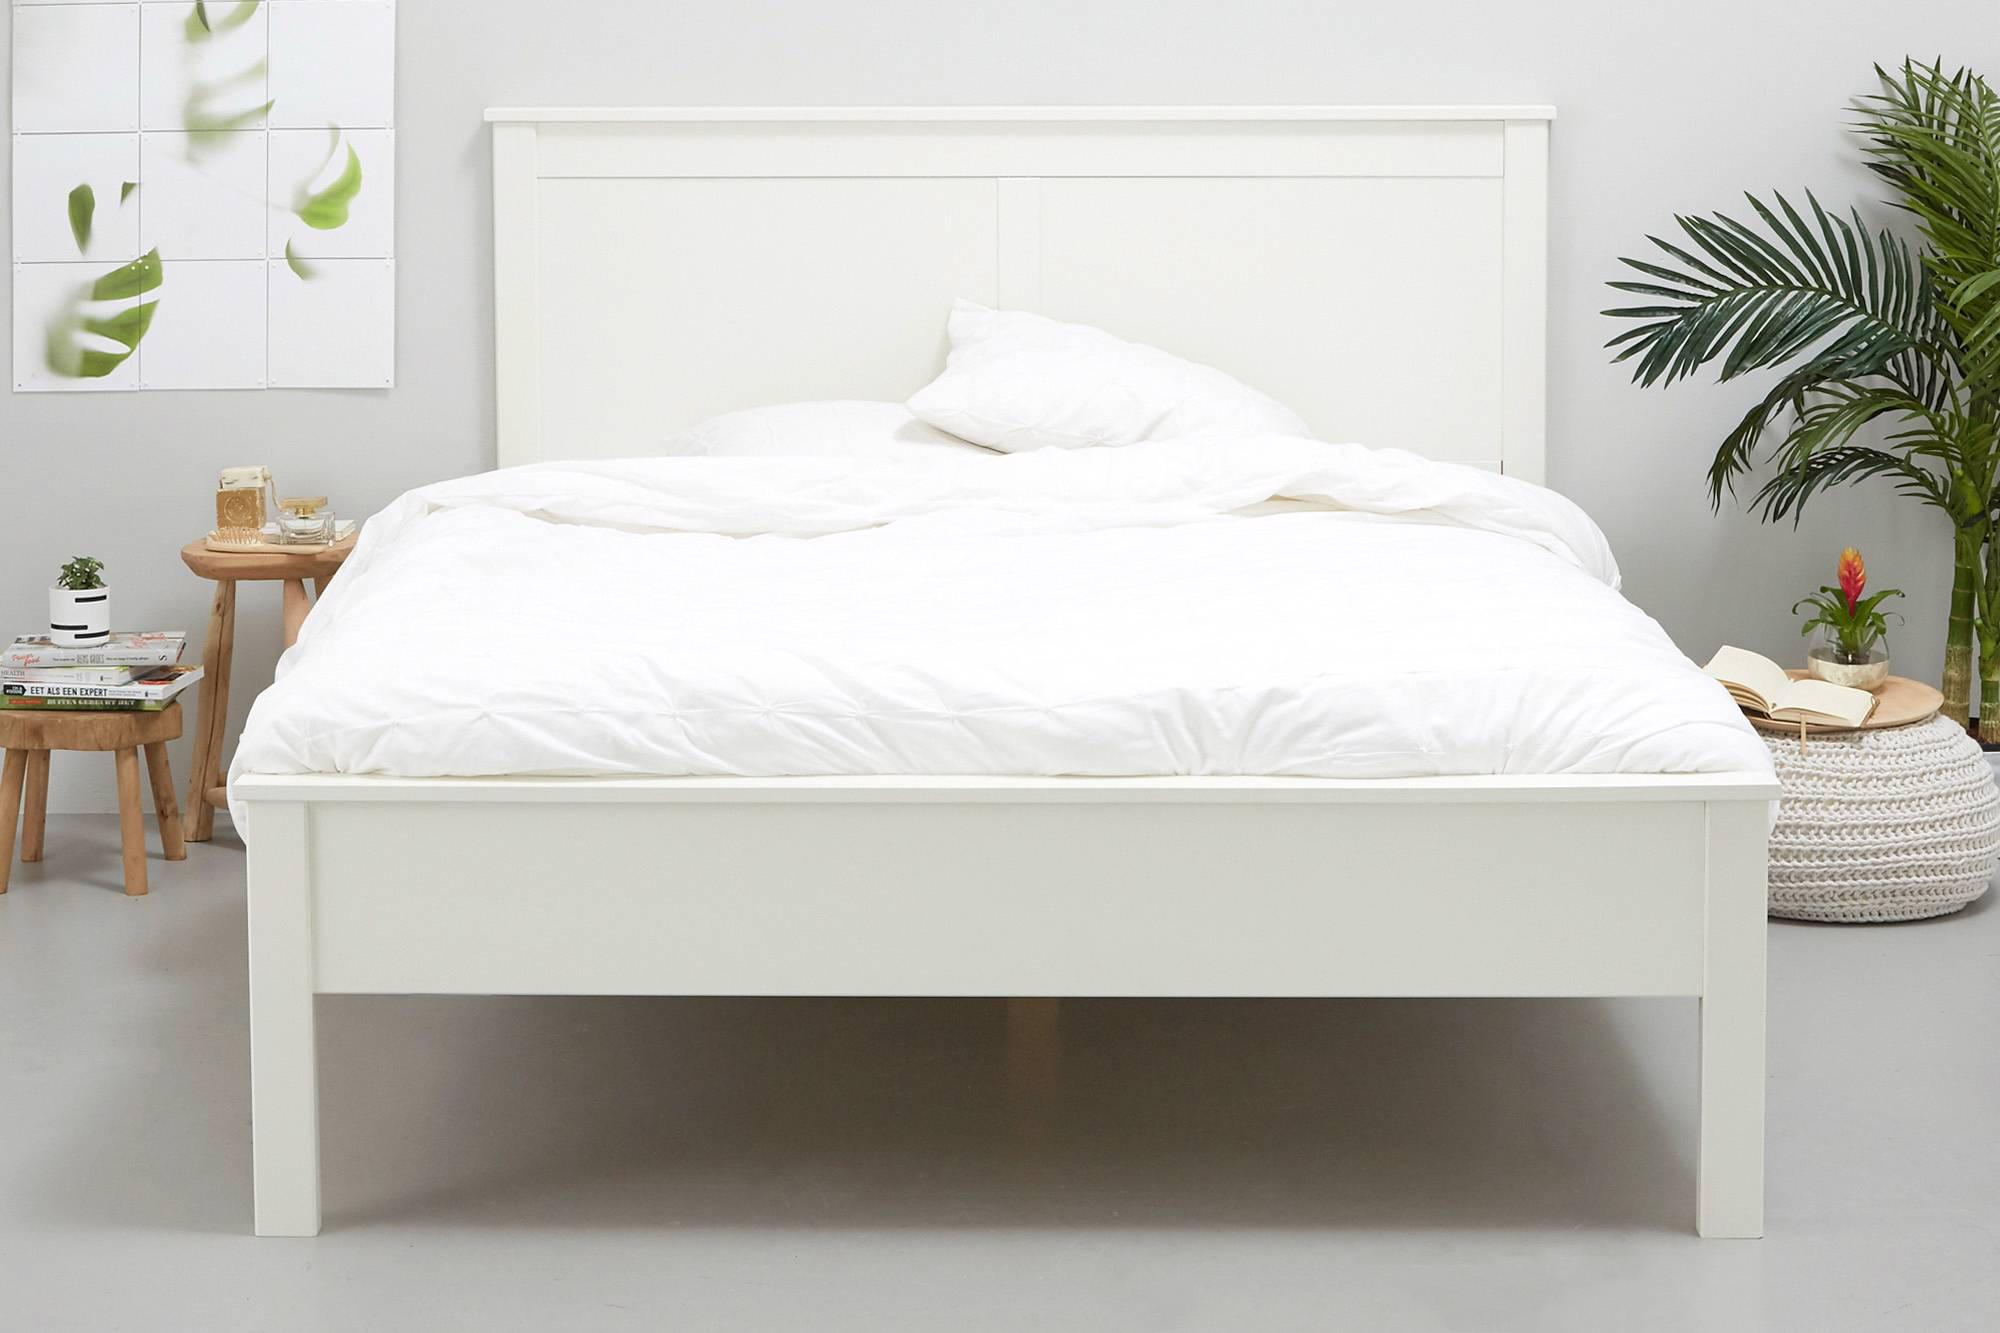 Wehkamp Complete Slaapkamers : Tweepersoonsbedden bij wehkamp gratis bezorging vanaf